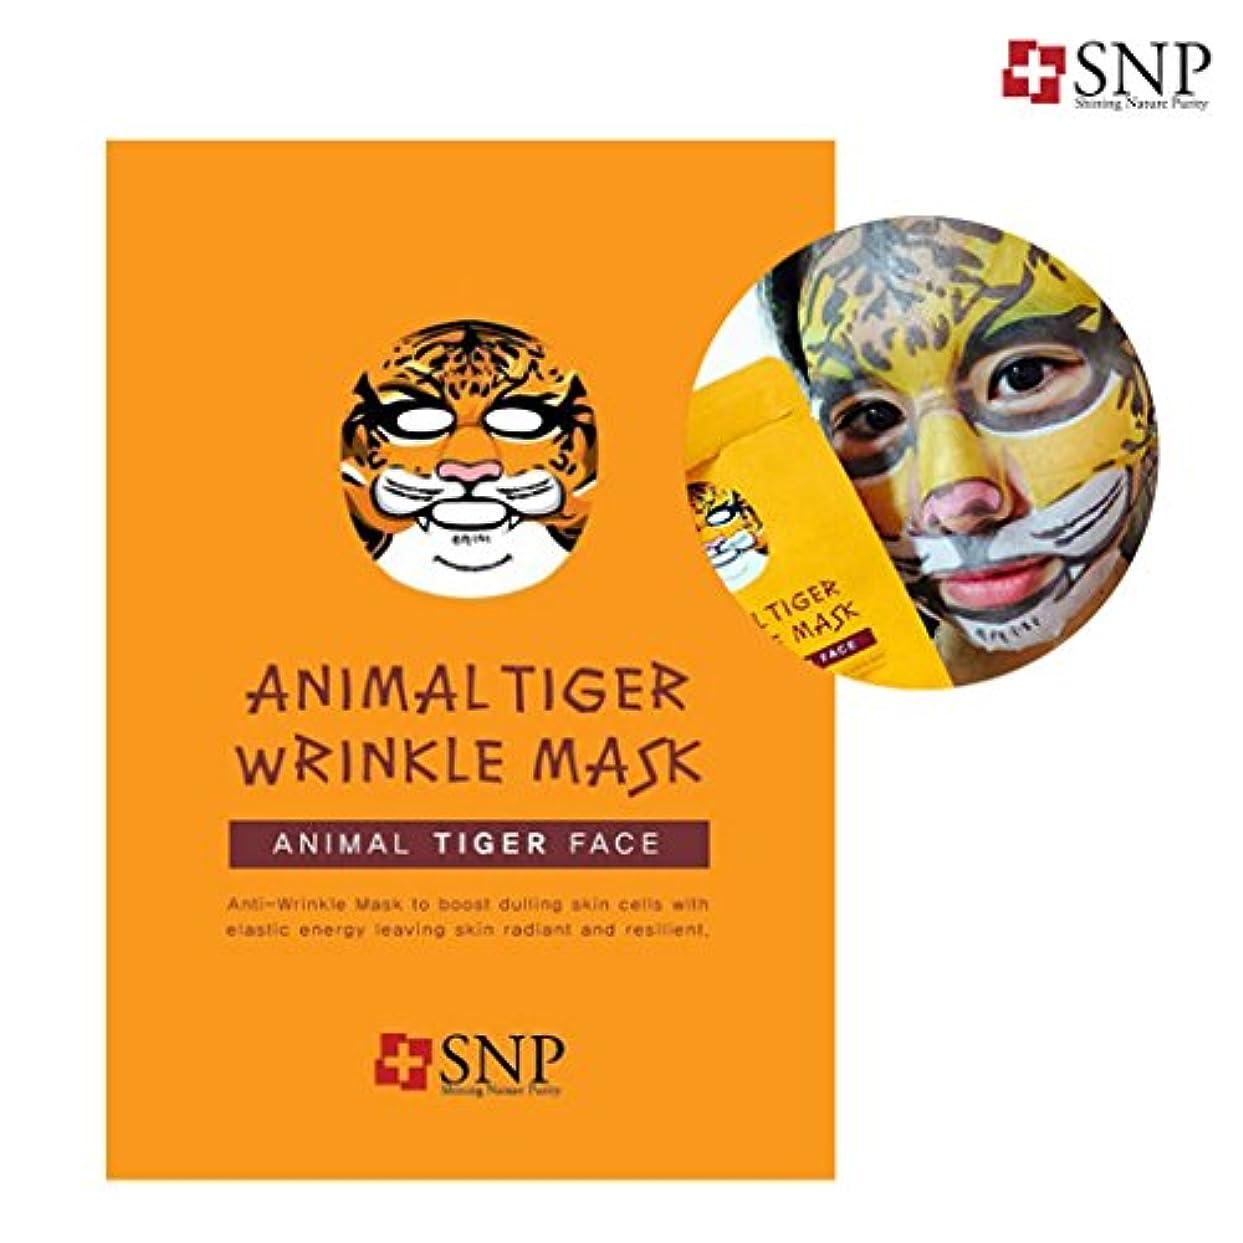 魅惑する誤って始めるSNP アニマル タイガーリンクルマスク10枚 / animal tiger wrinkle mask 10ea[海外直送品]